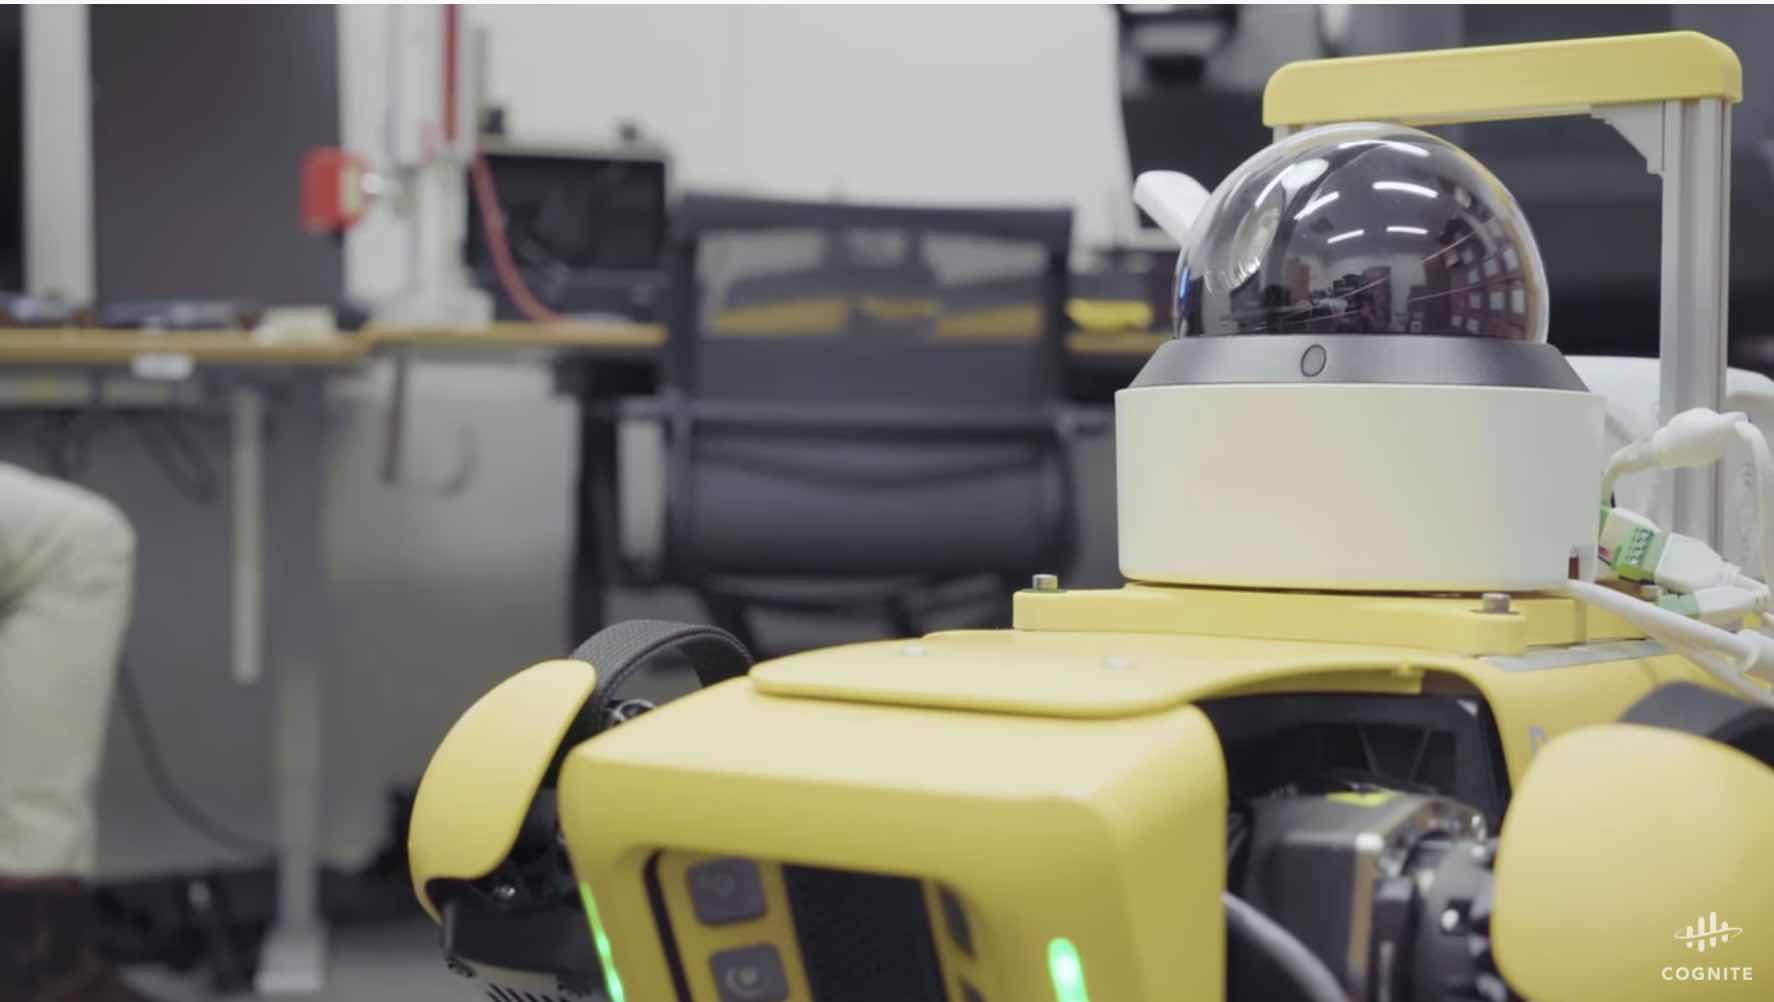 ボストンダイナミクスの最新AIロボットが産業現場で活躍中